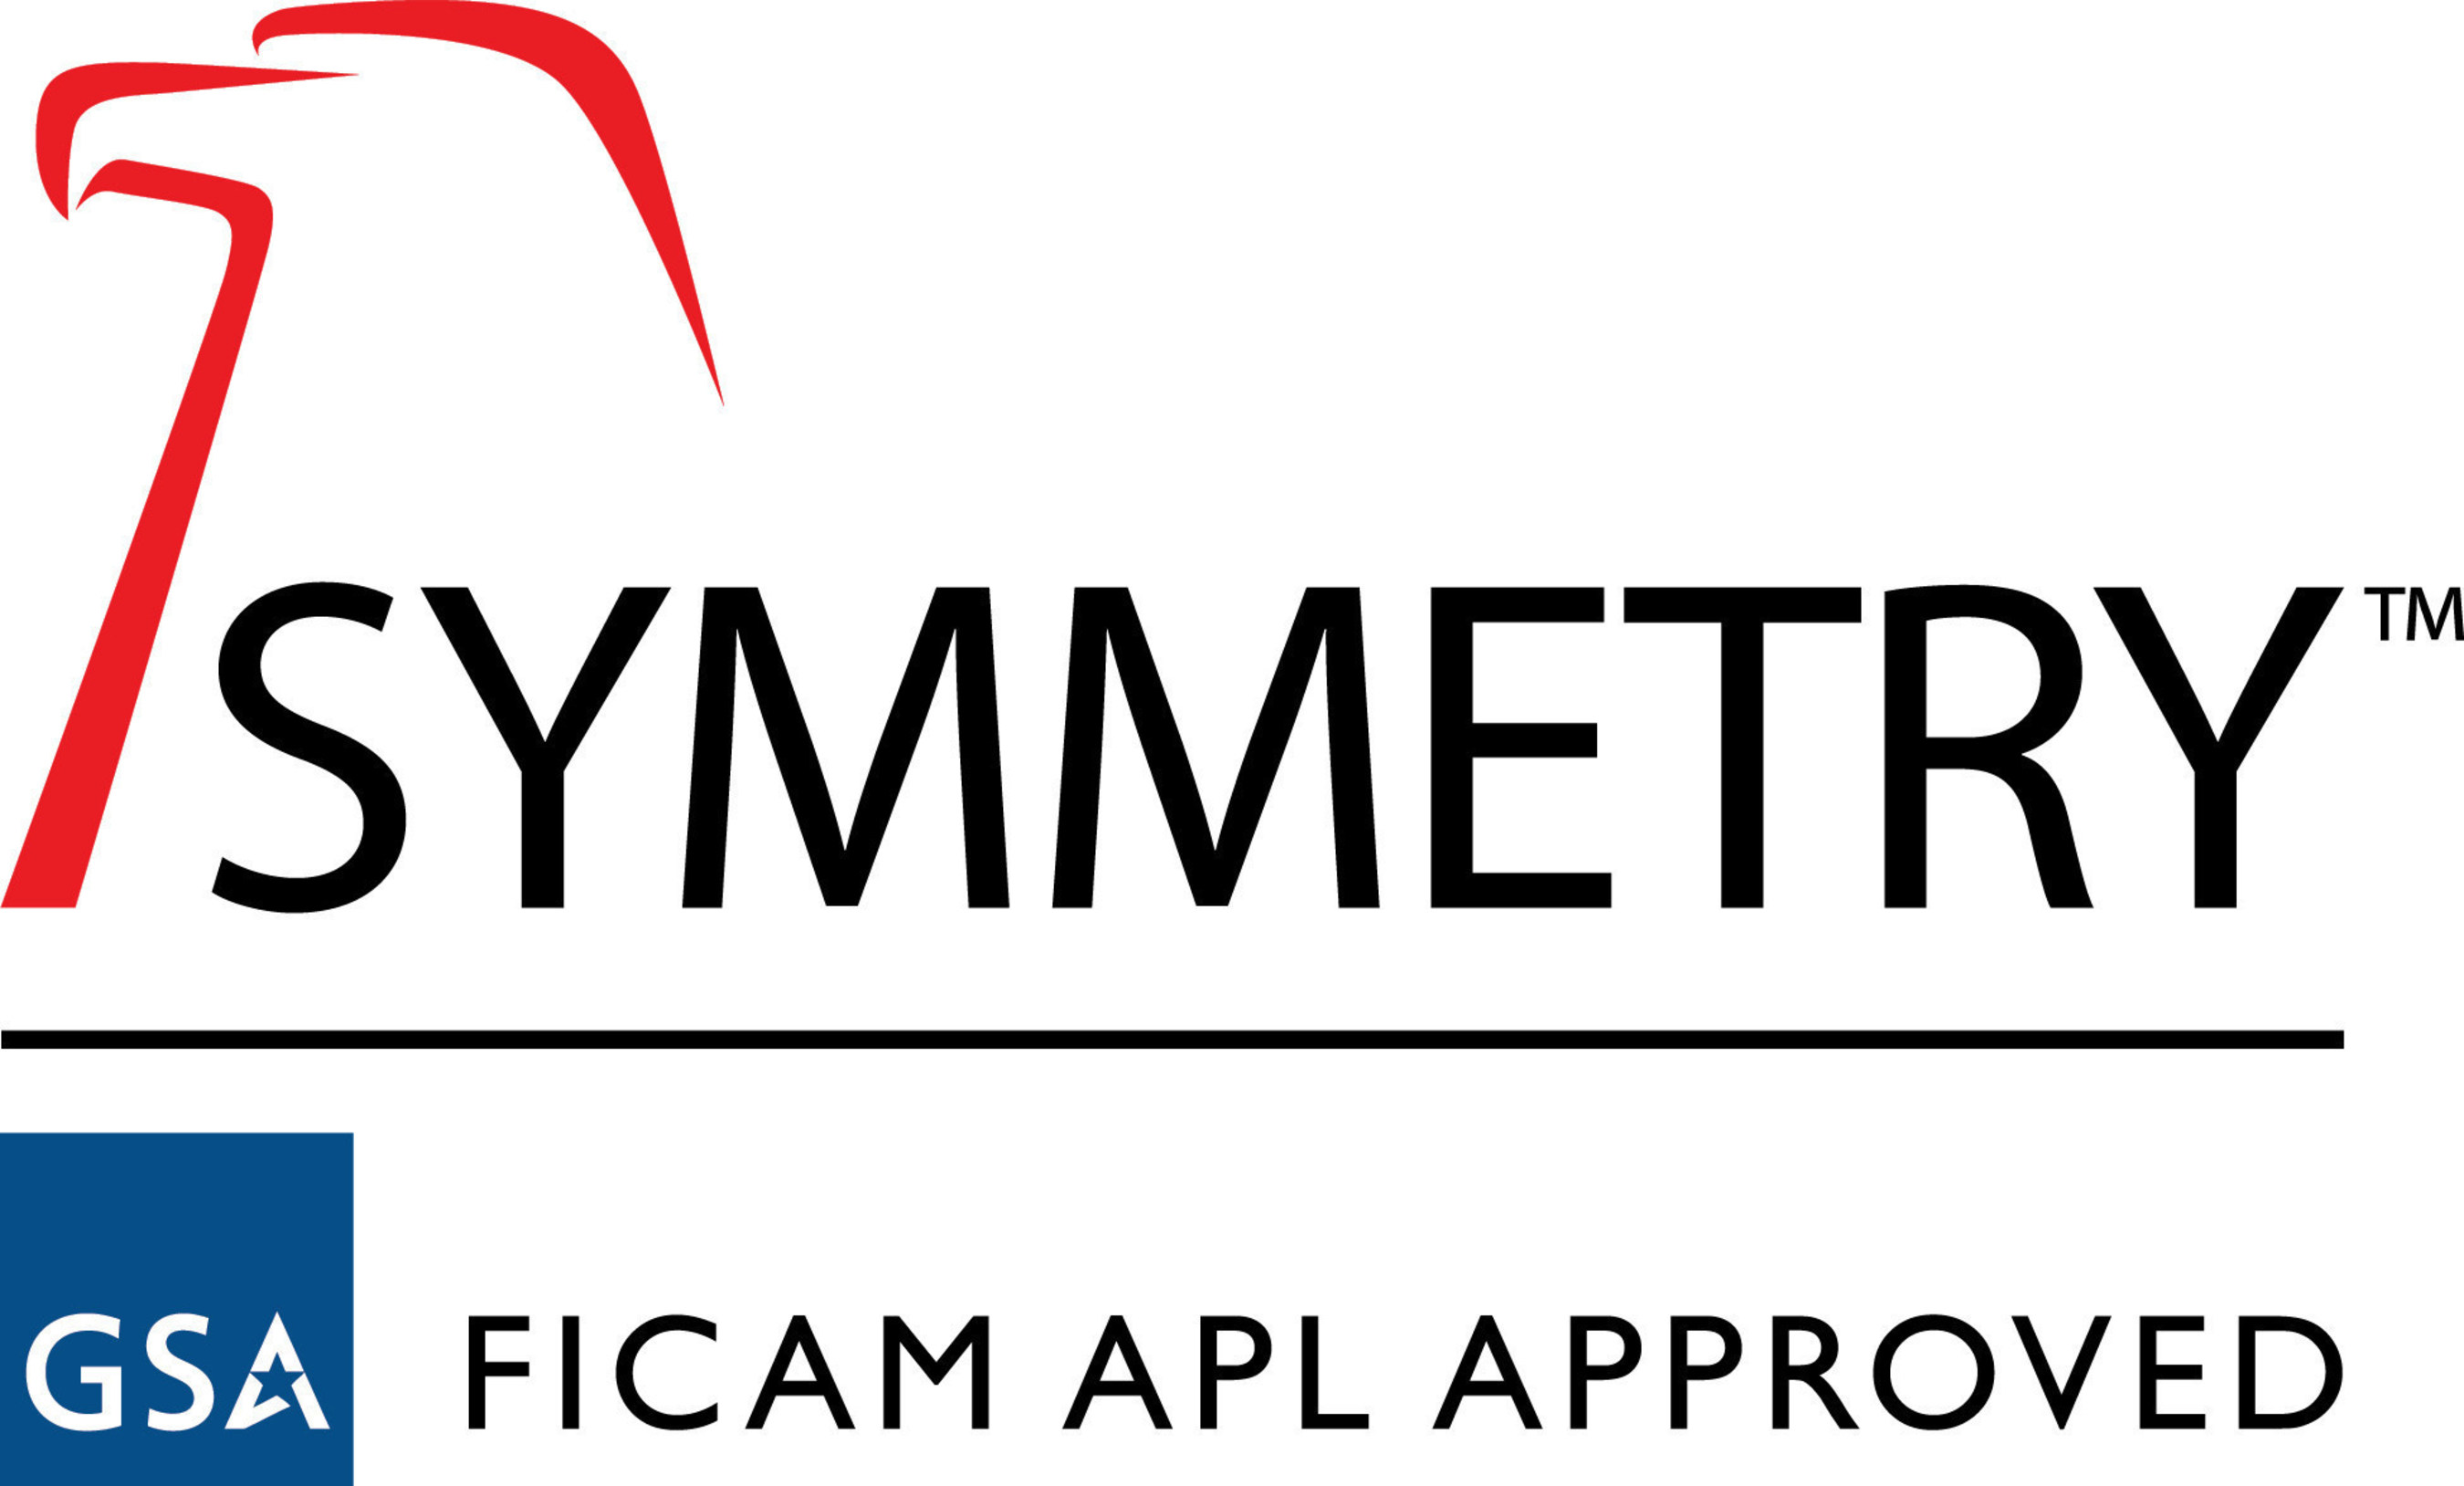 AMAG Technology's FICAM approved logo.